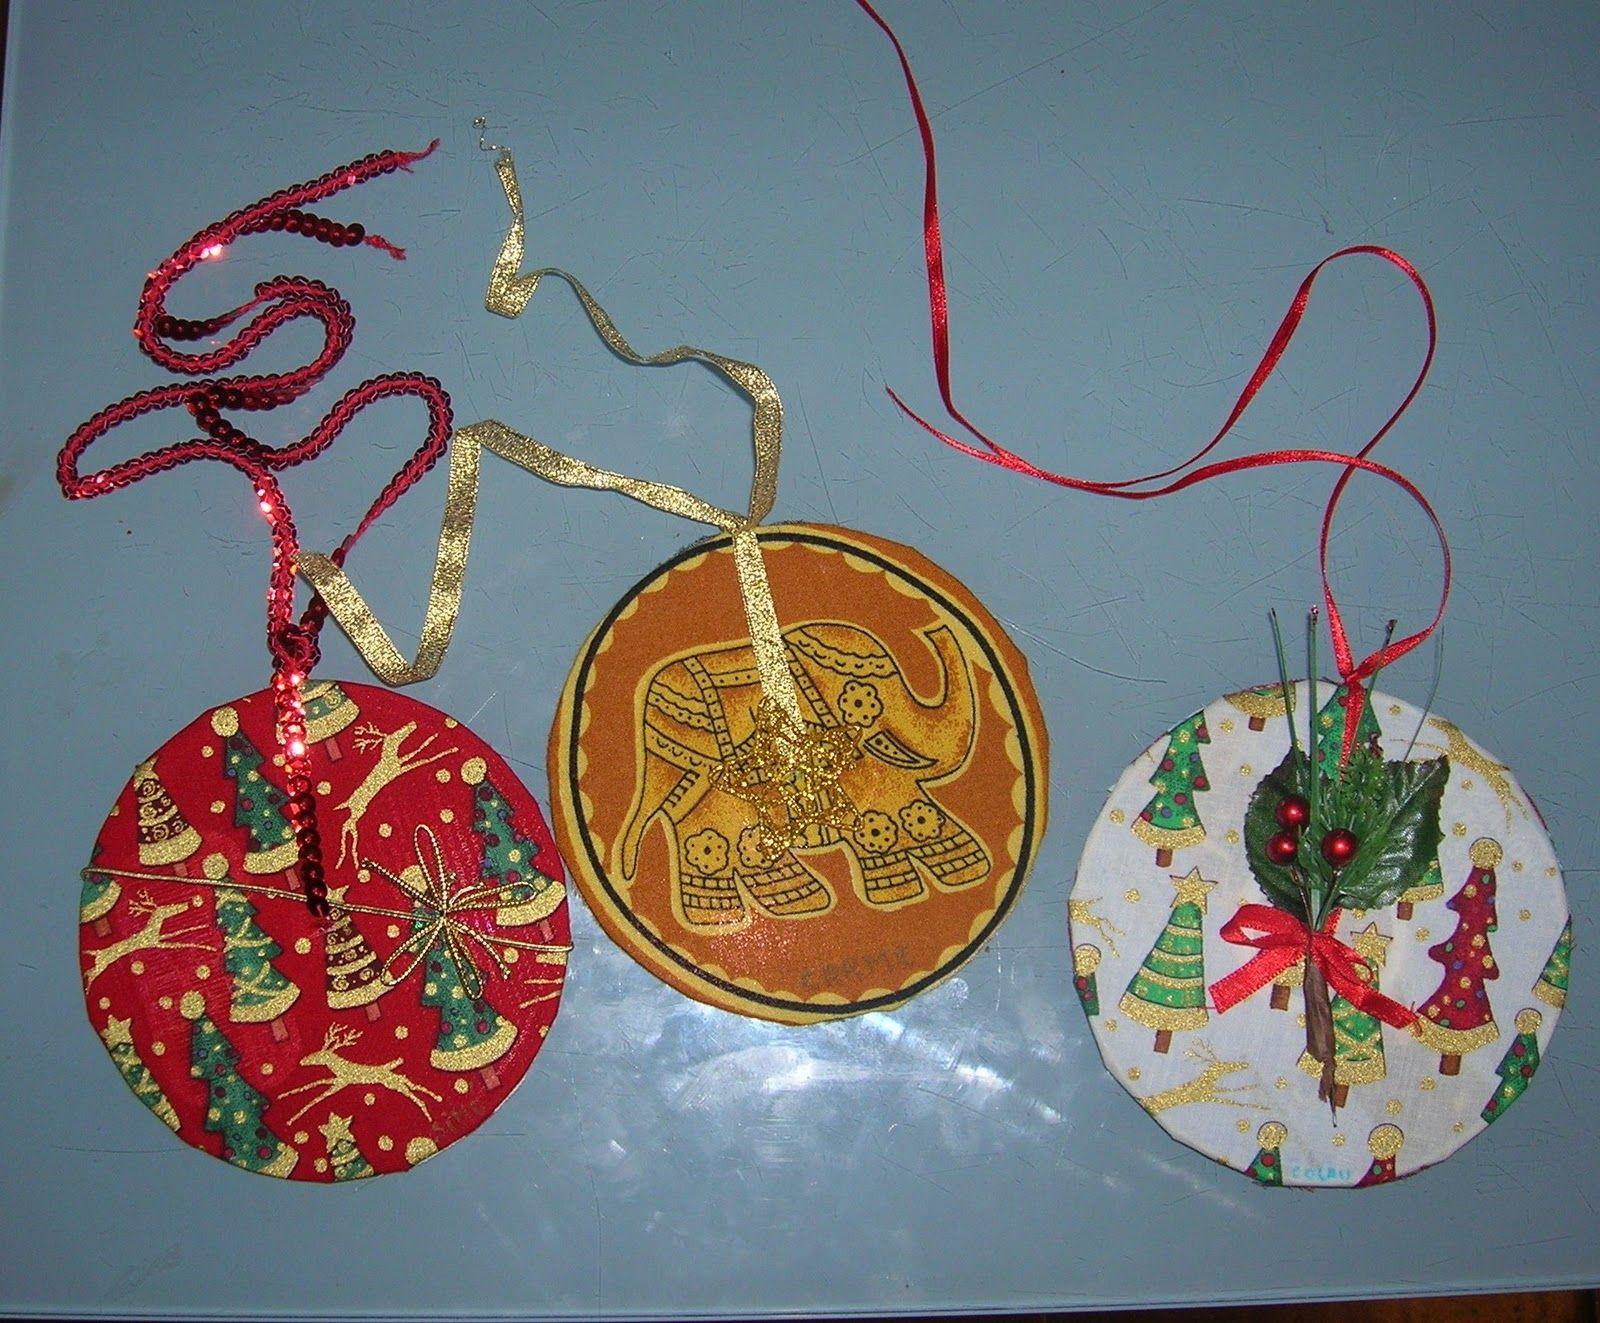 Manualidades con cd buscar con google cd pinterest - Buscar manualidades de navidad ...